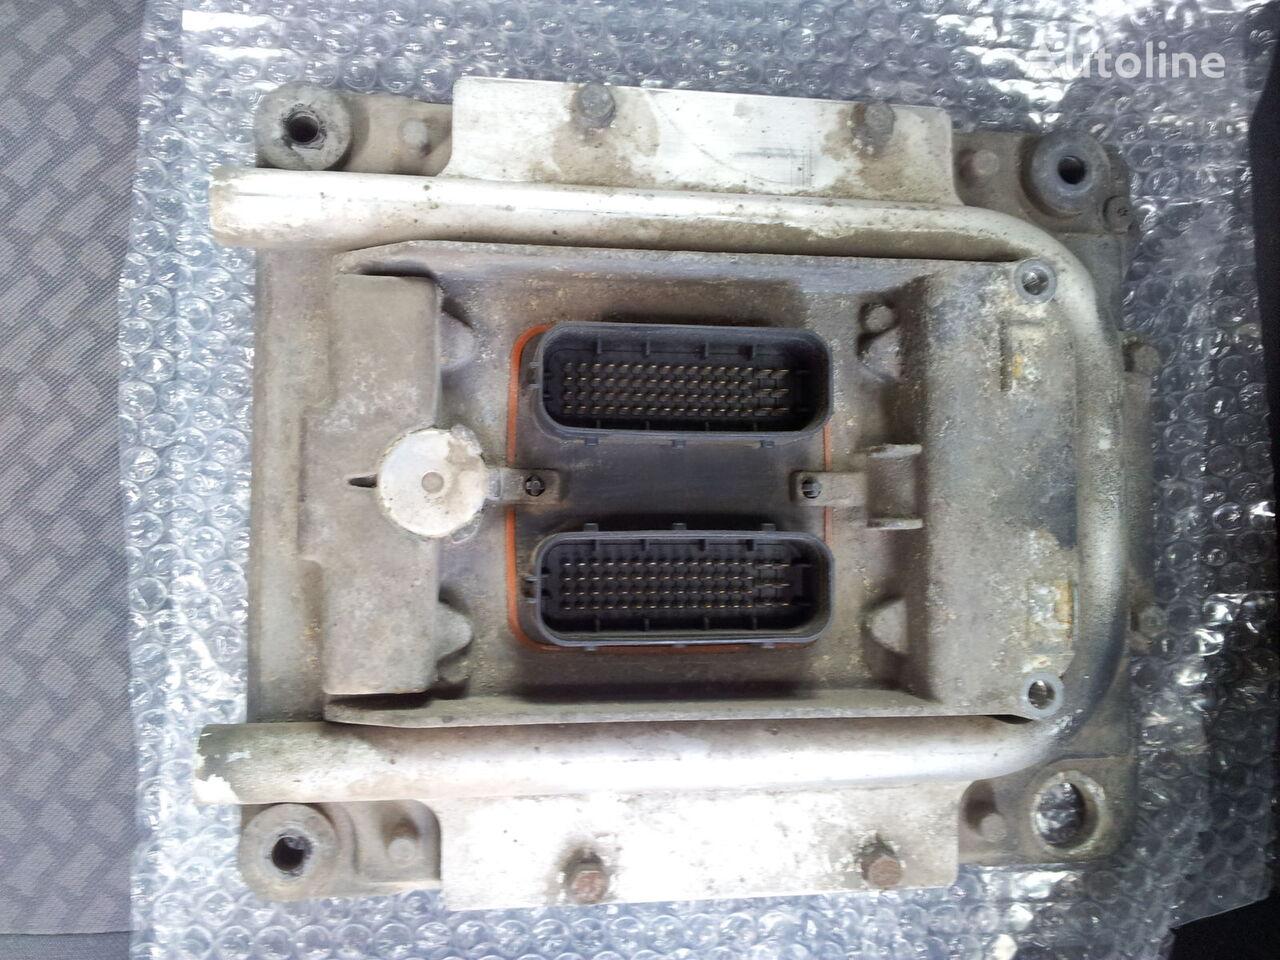 блок управления RENAULT VOLVO FH13, ECU control unit, 440PS, engine control unit, 205612 для тягача RENAULT Premium DXI